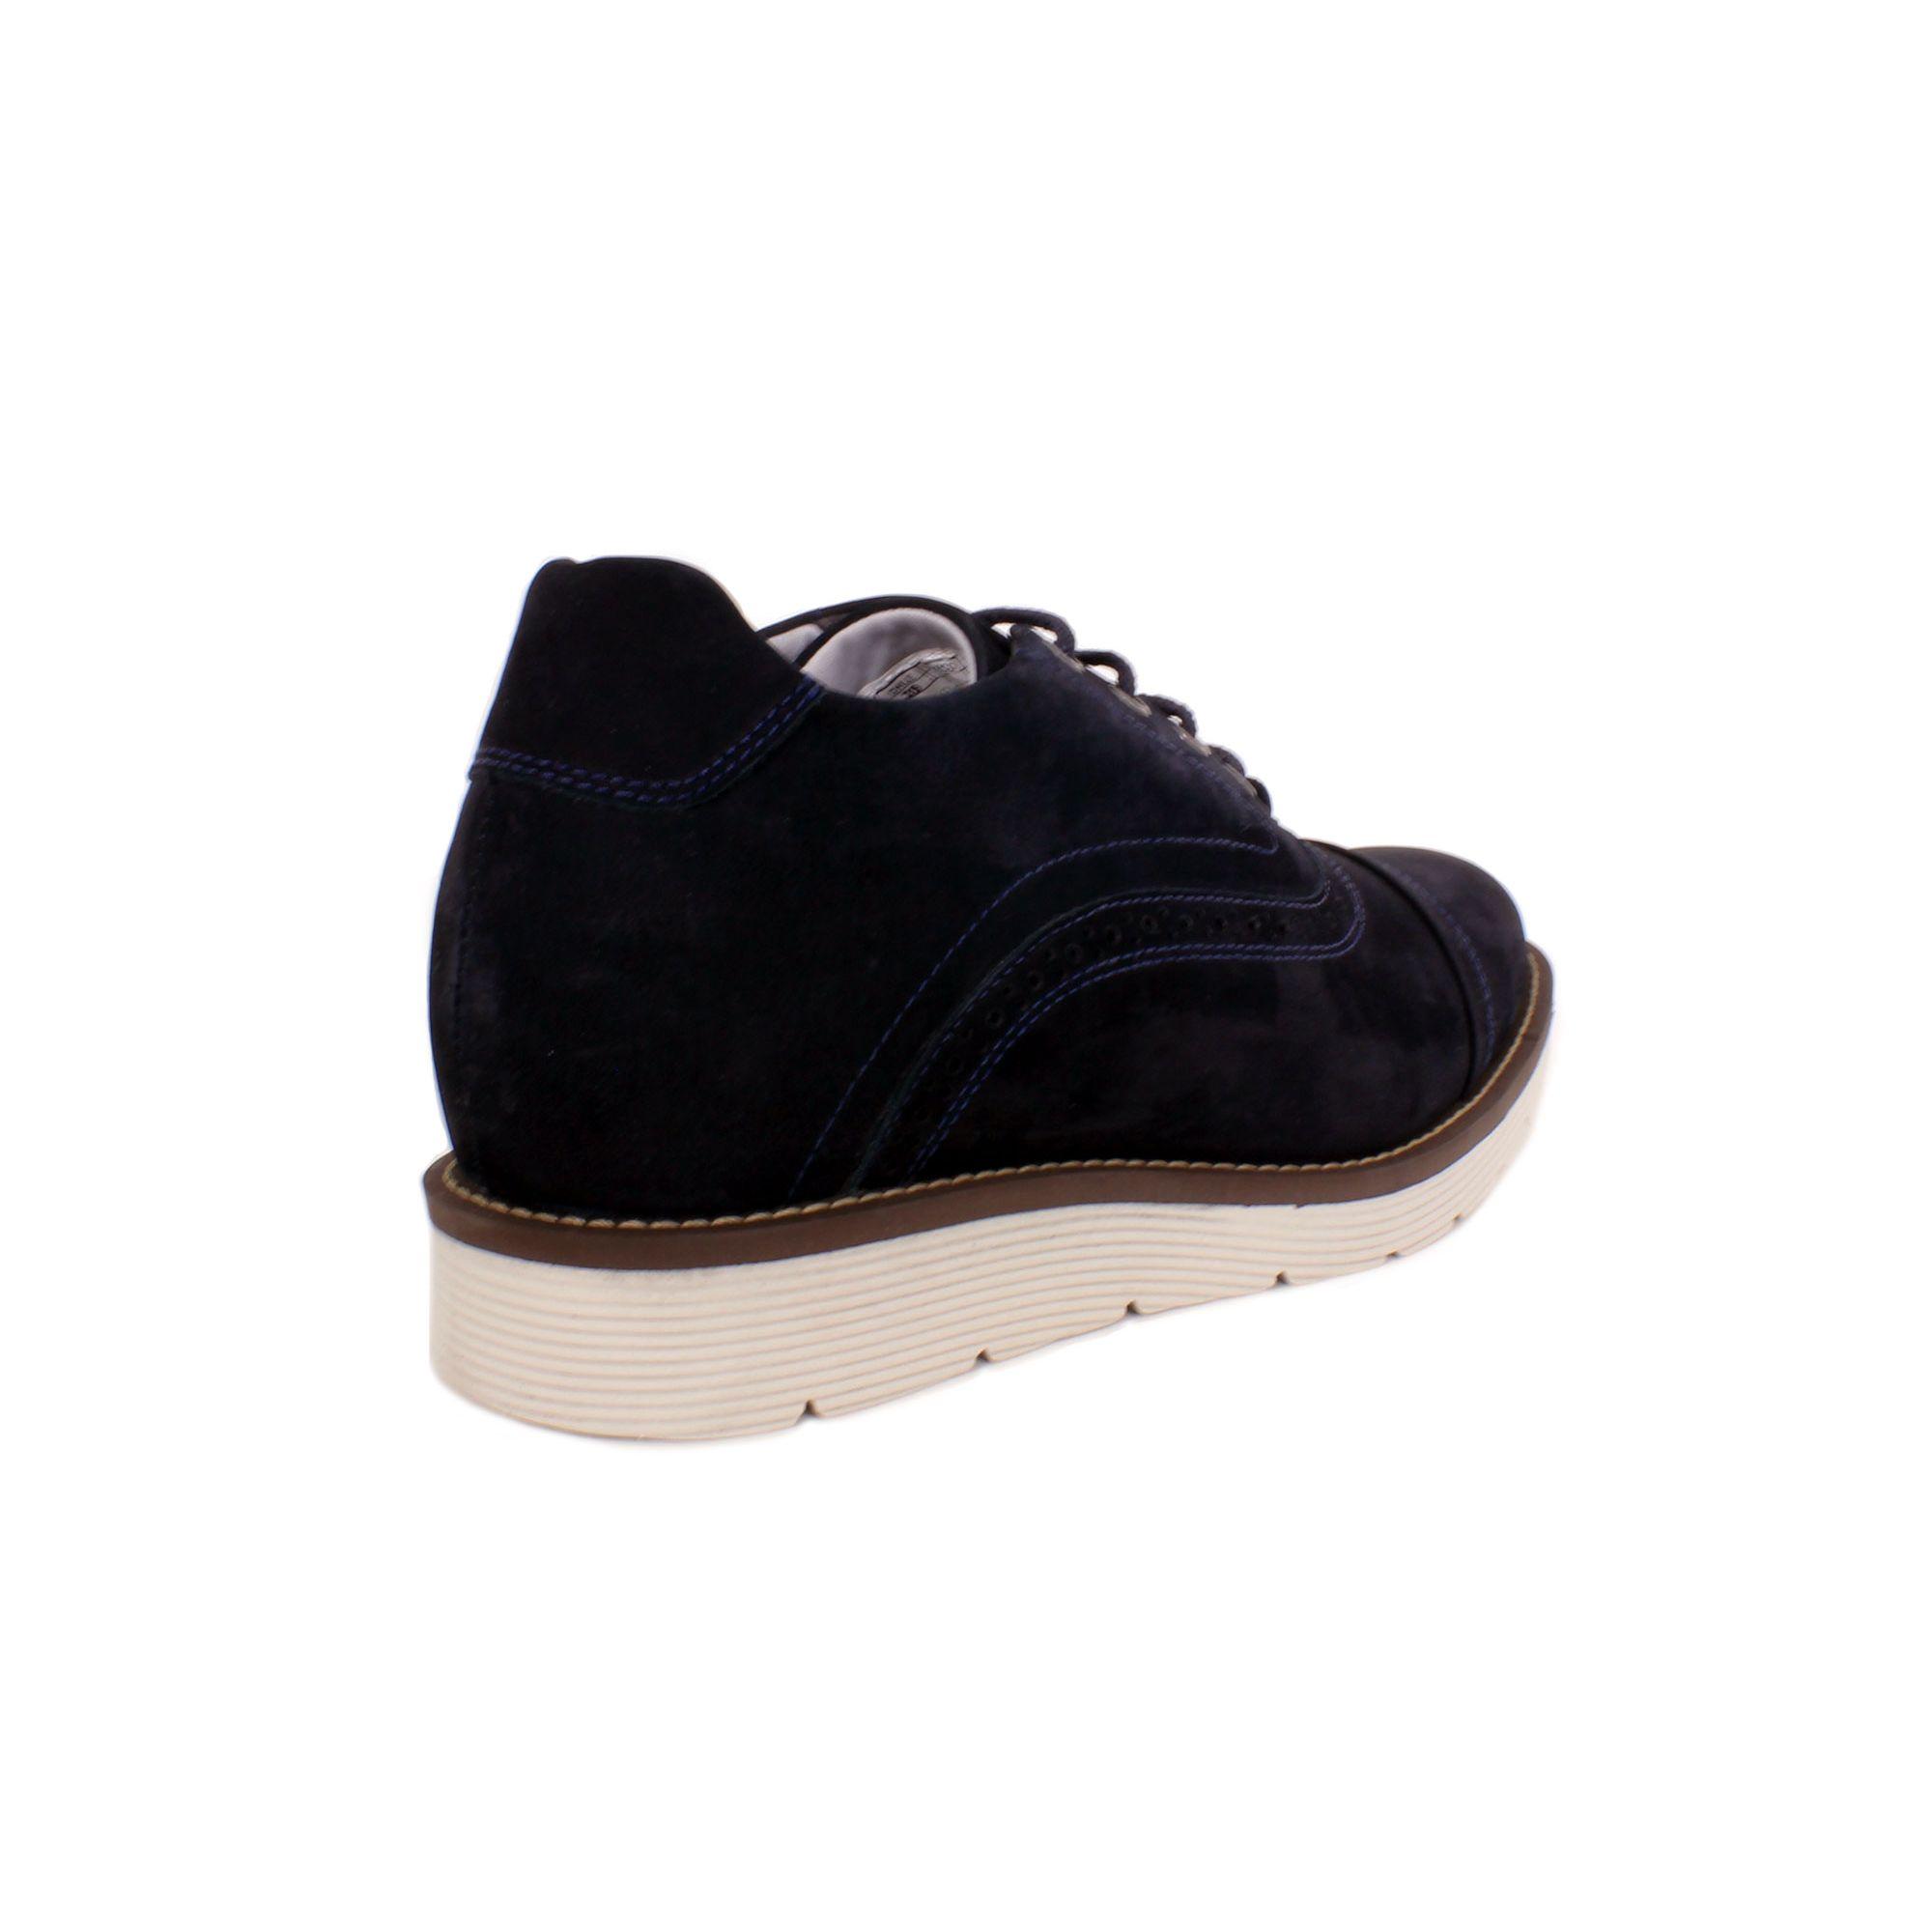 Zapato Casual Casino Azul Max Denegri +7cms de Altura_70946